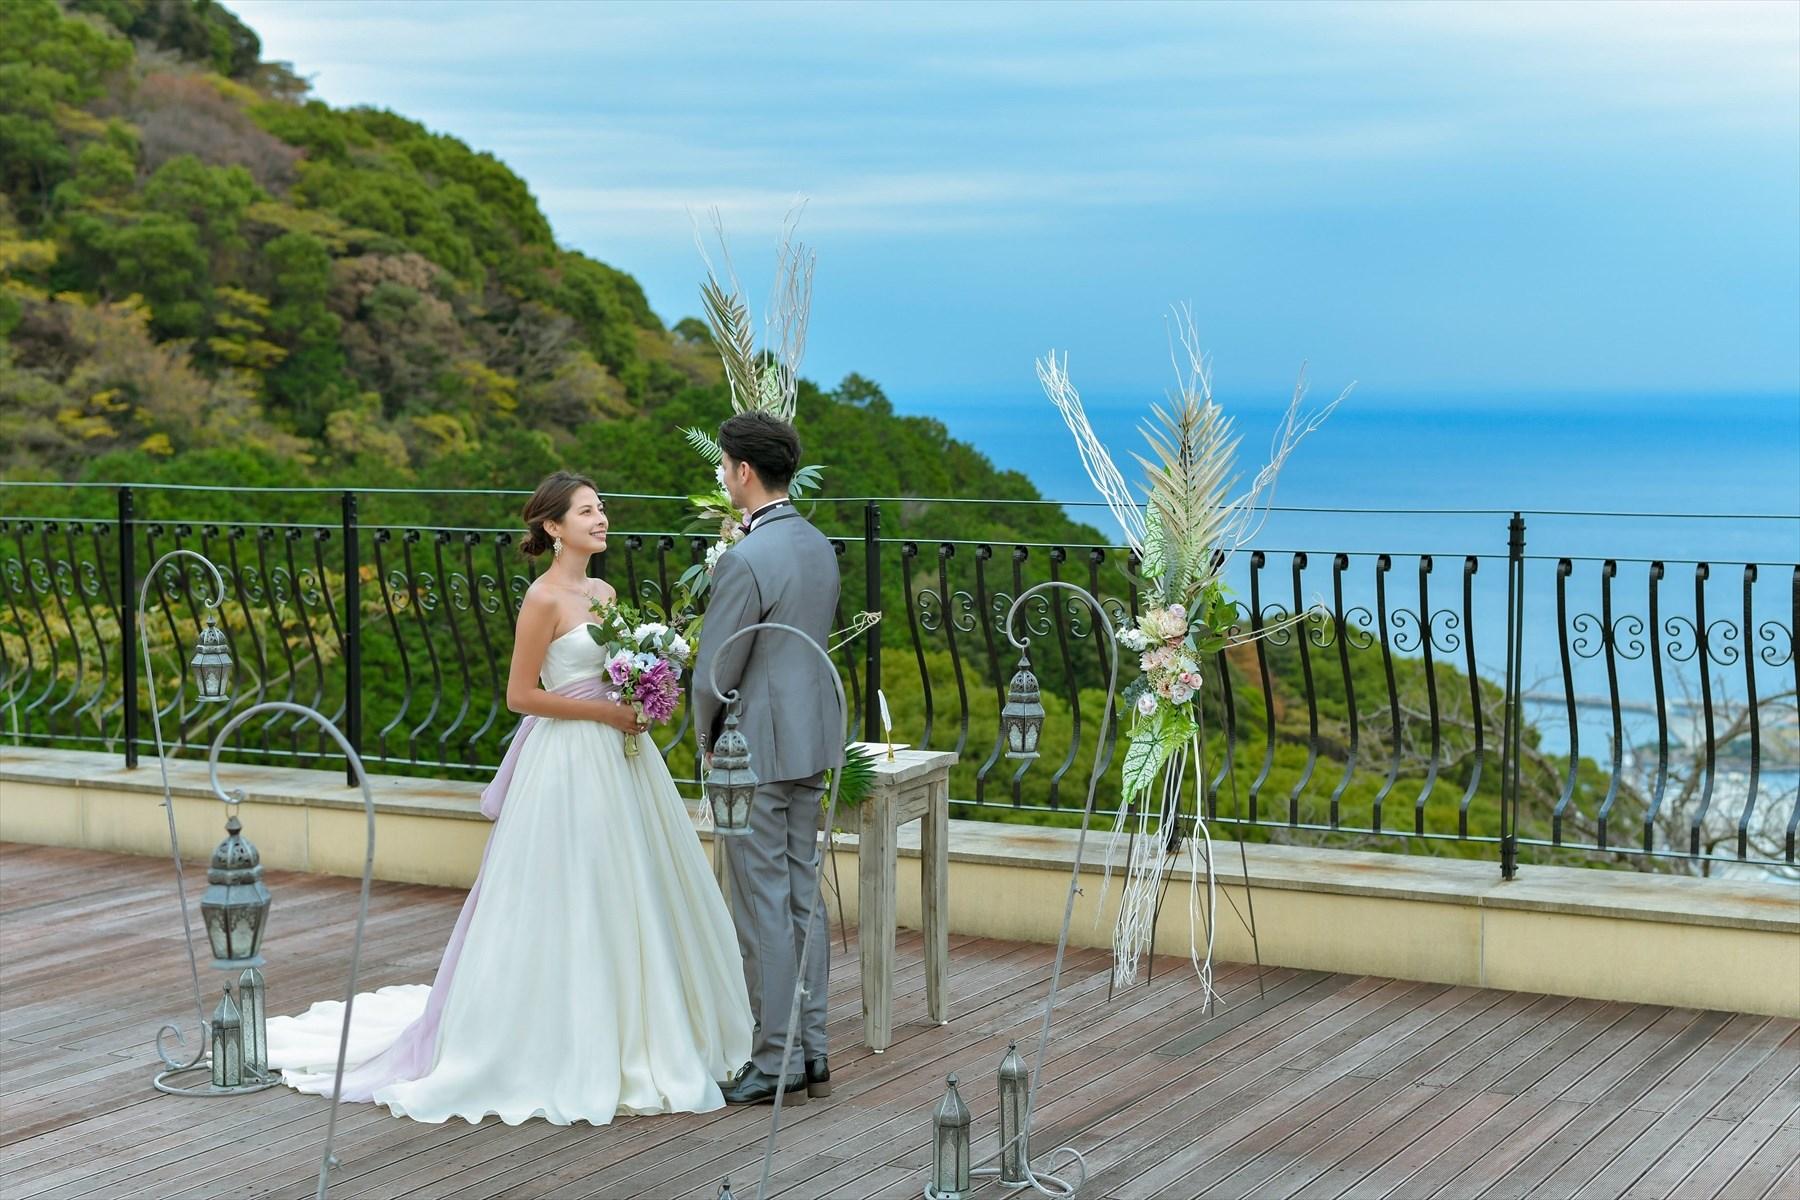 静岡県邸宅結婚式 静岡一軒家ウェディング 熱海スパ&リゾート